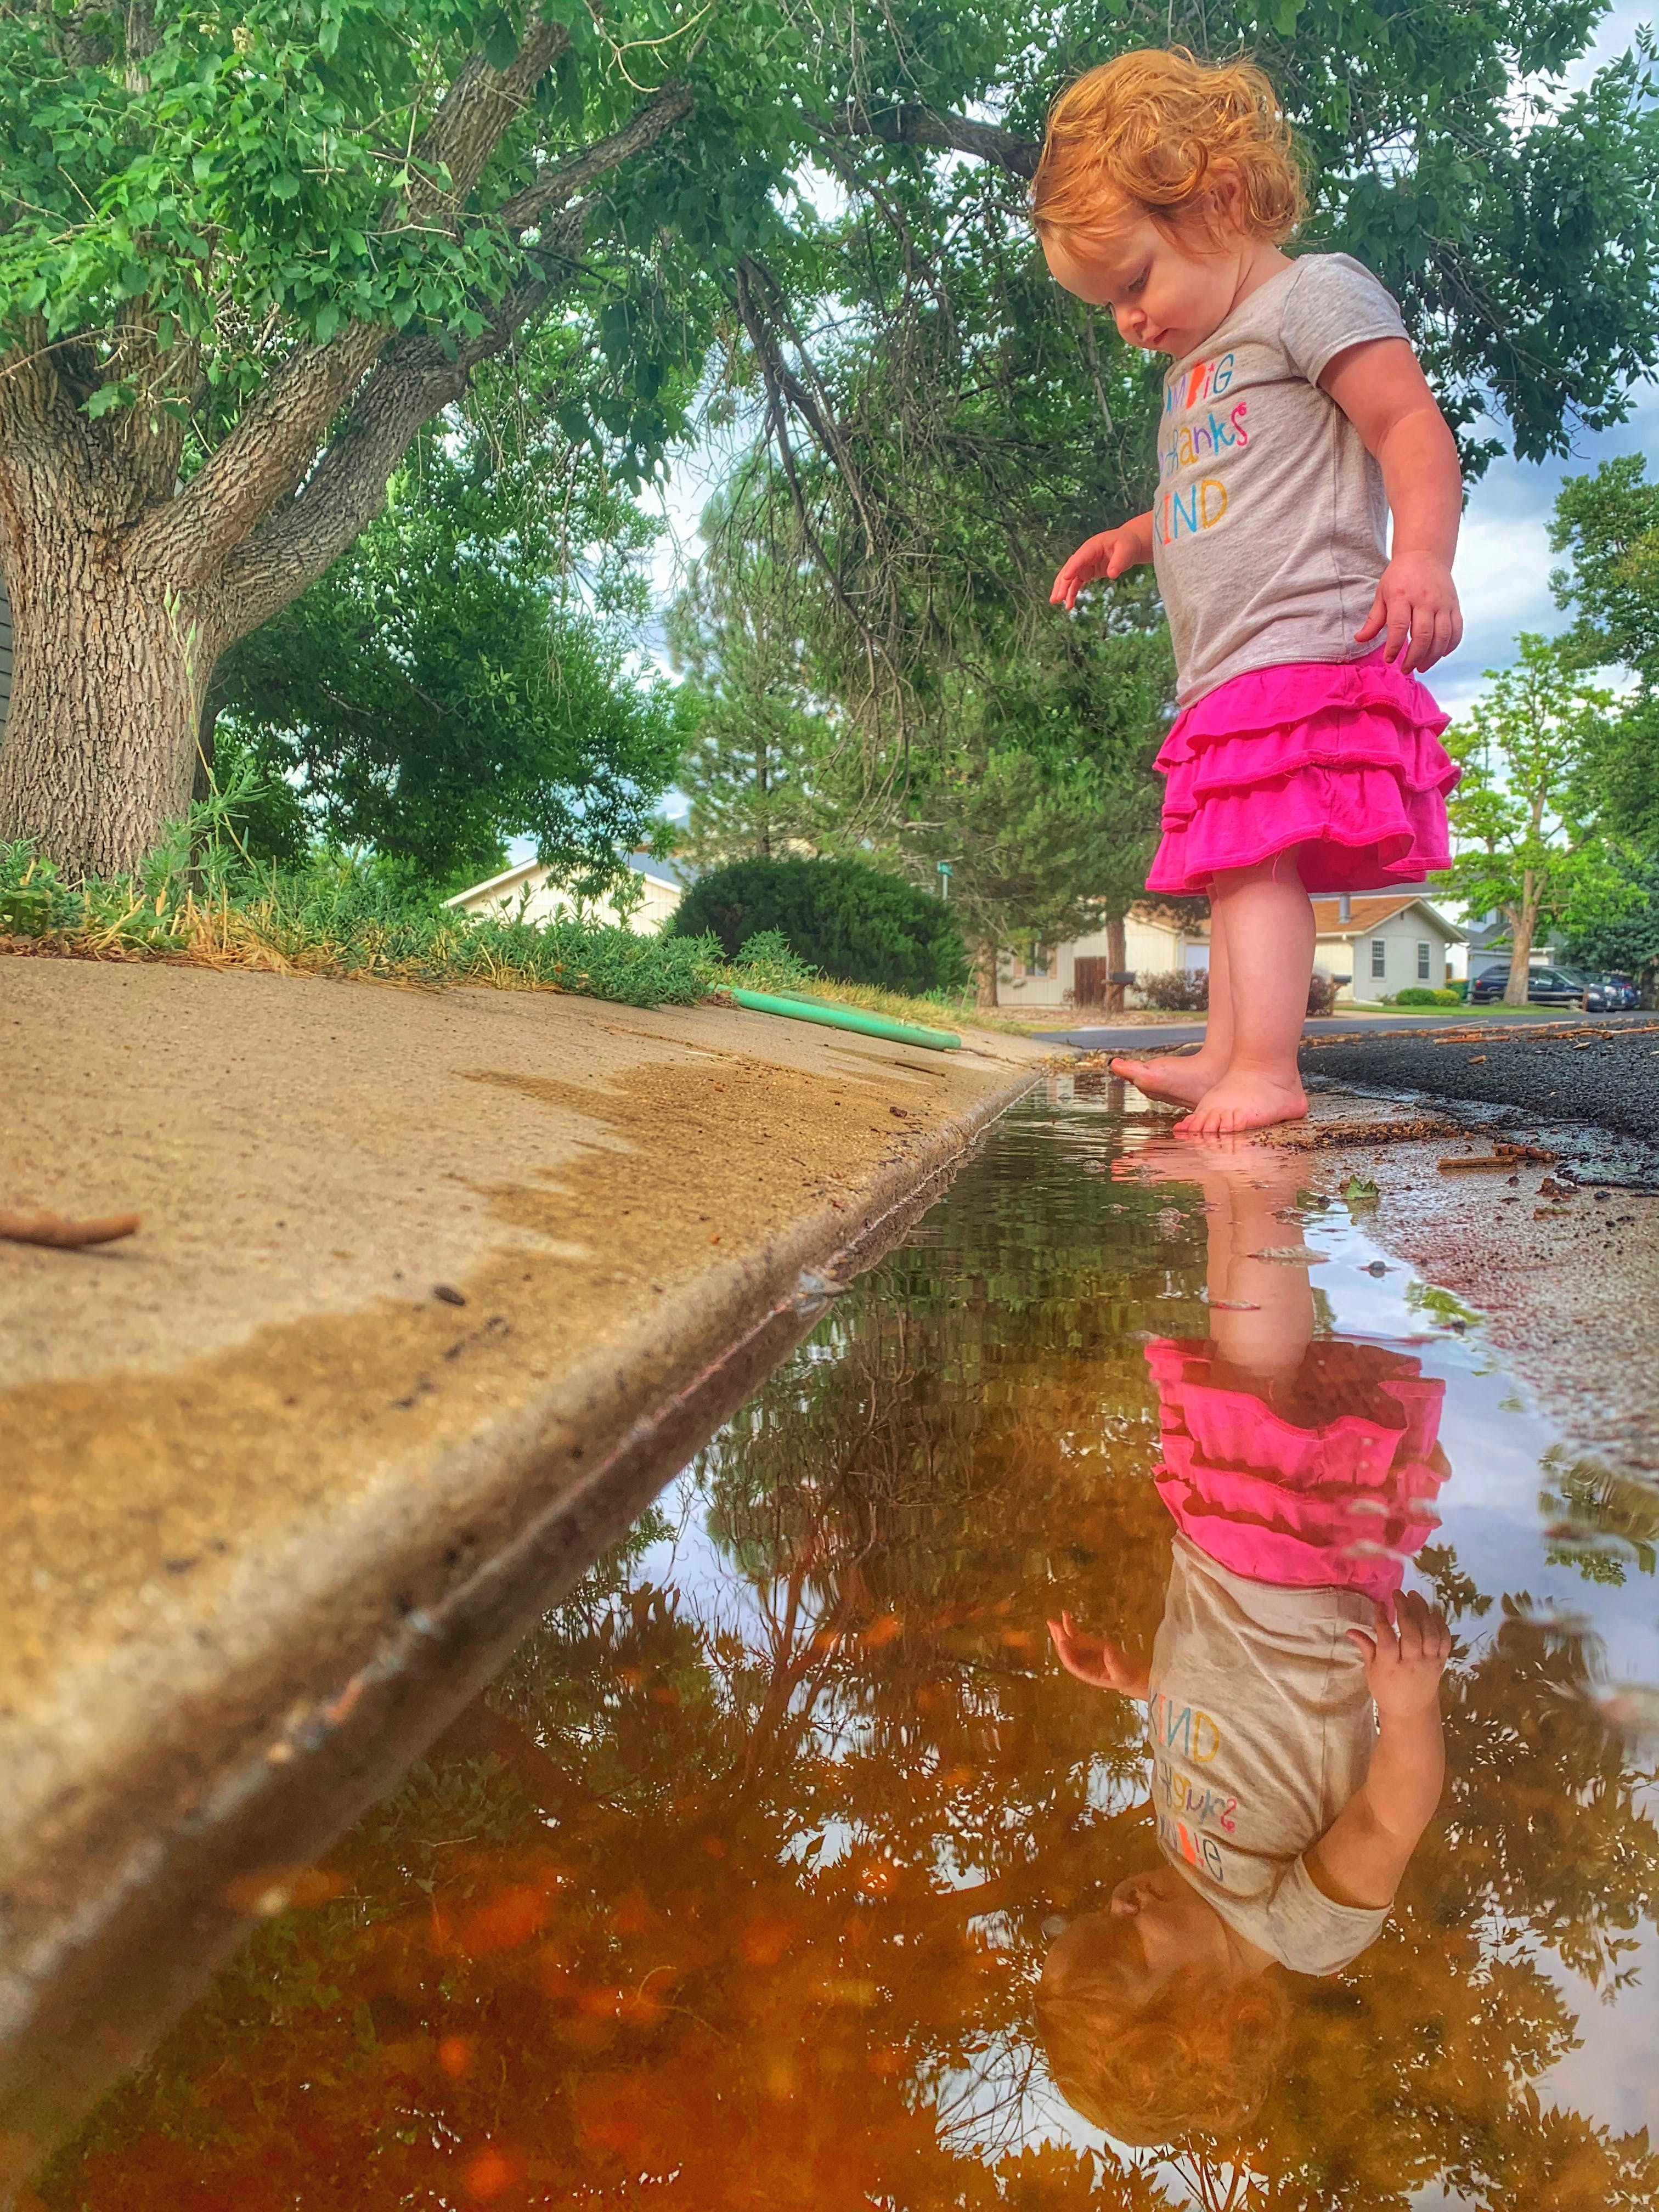 Splashing in the gutter!